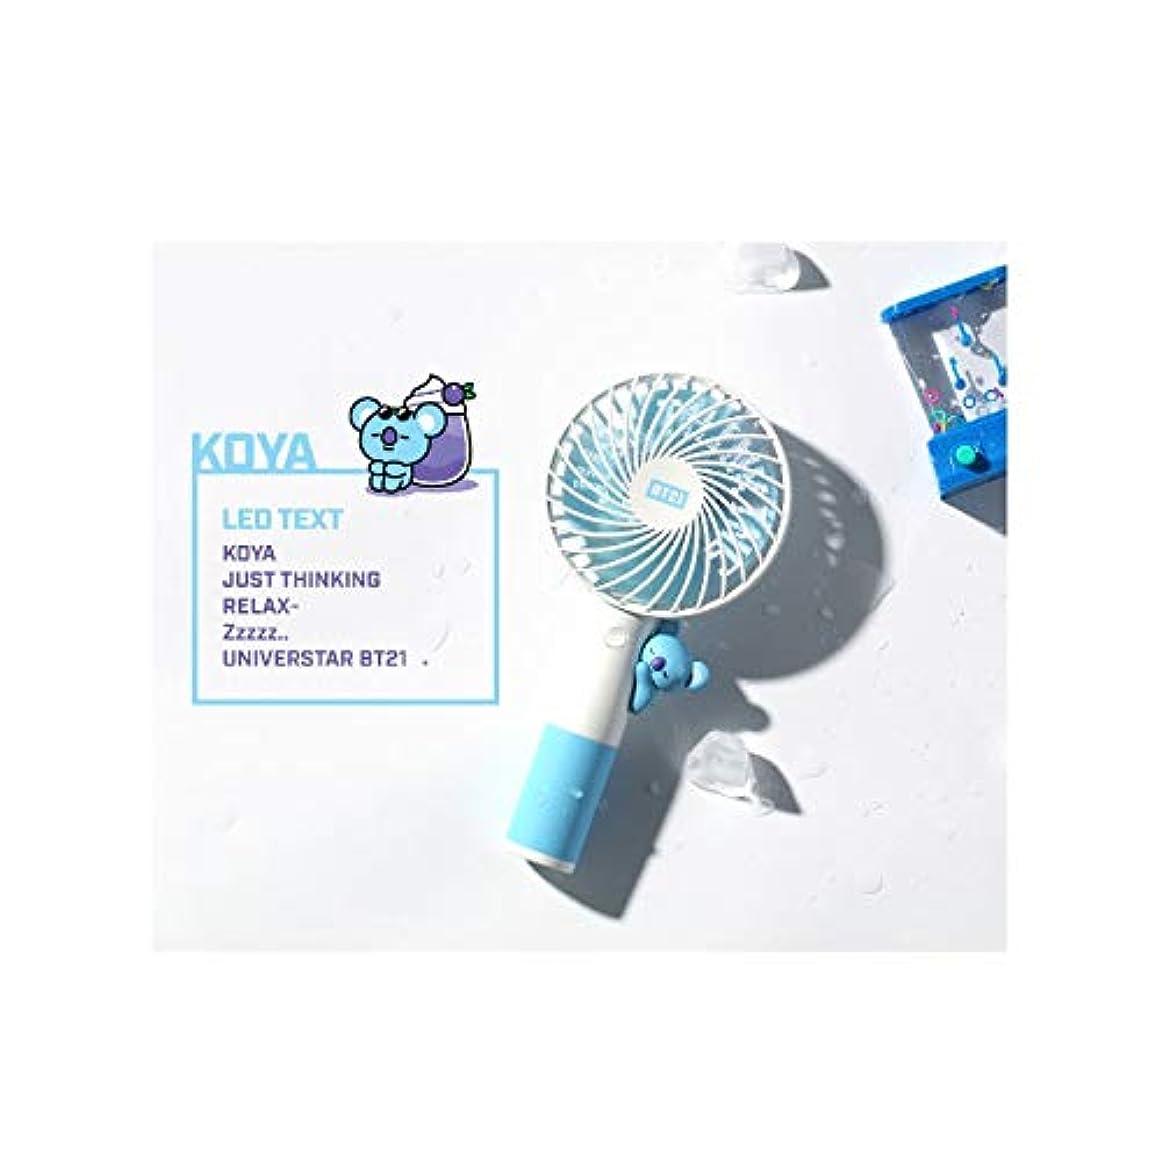 本質的ではない心臓楕円形公式★BT21ハンディLED扇風機 携帯扇風機 2019 HANDYFAN7種 BTSグッズ 韓国語 (KOYA)